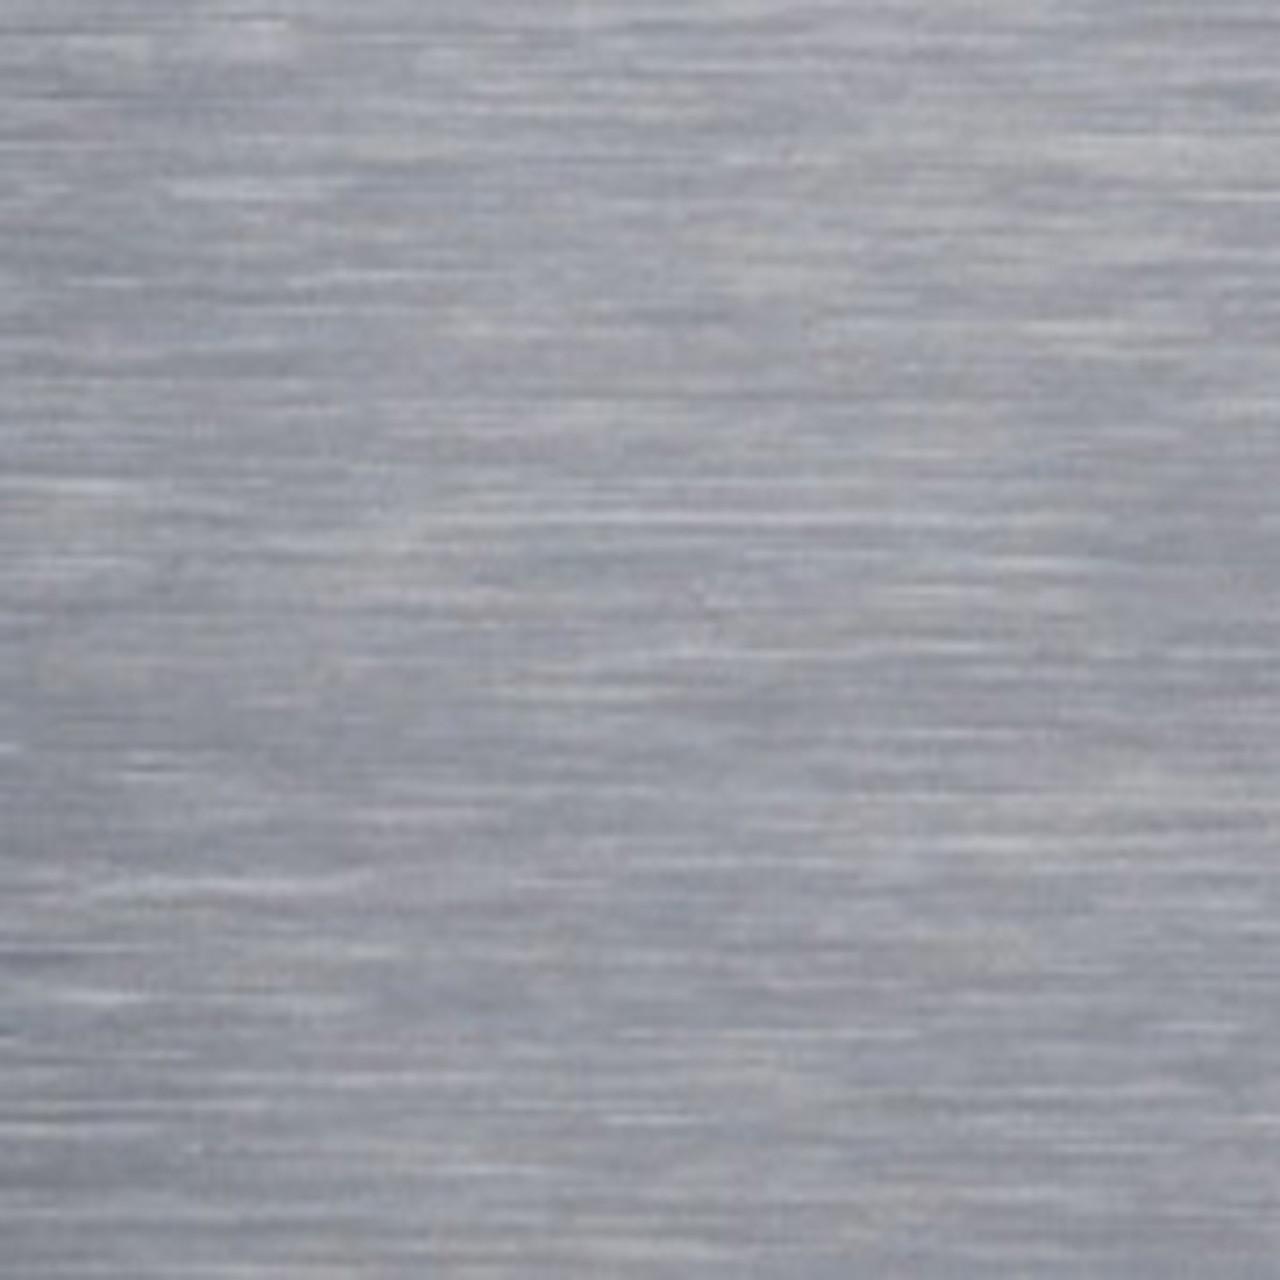 """.080 Aluminum Sheet 5052 H32 10/"""" x 12/"""""""